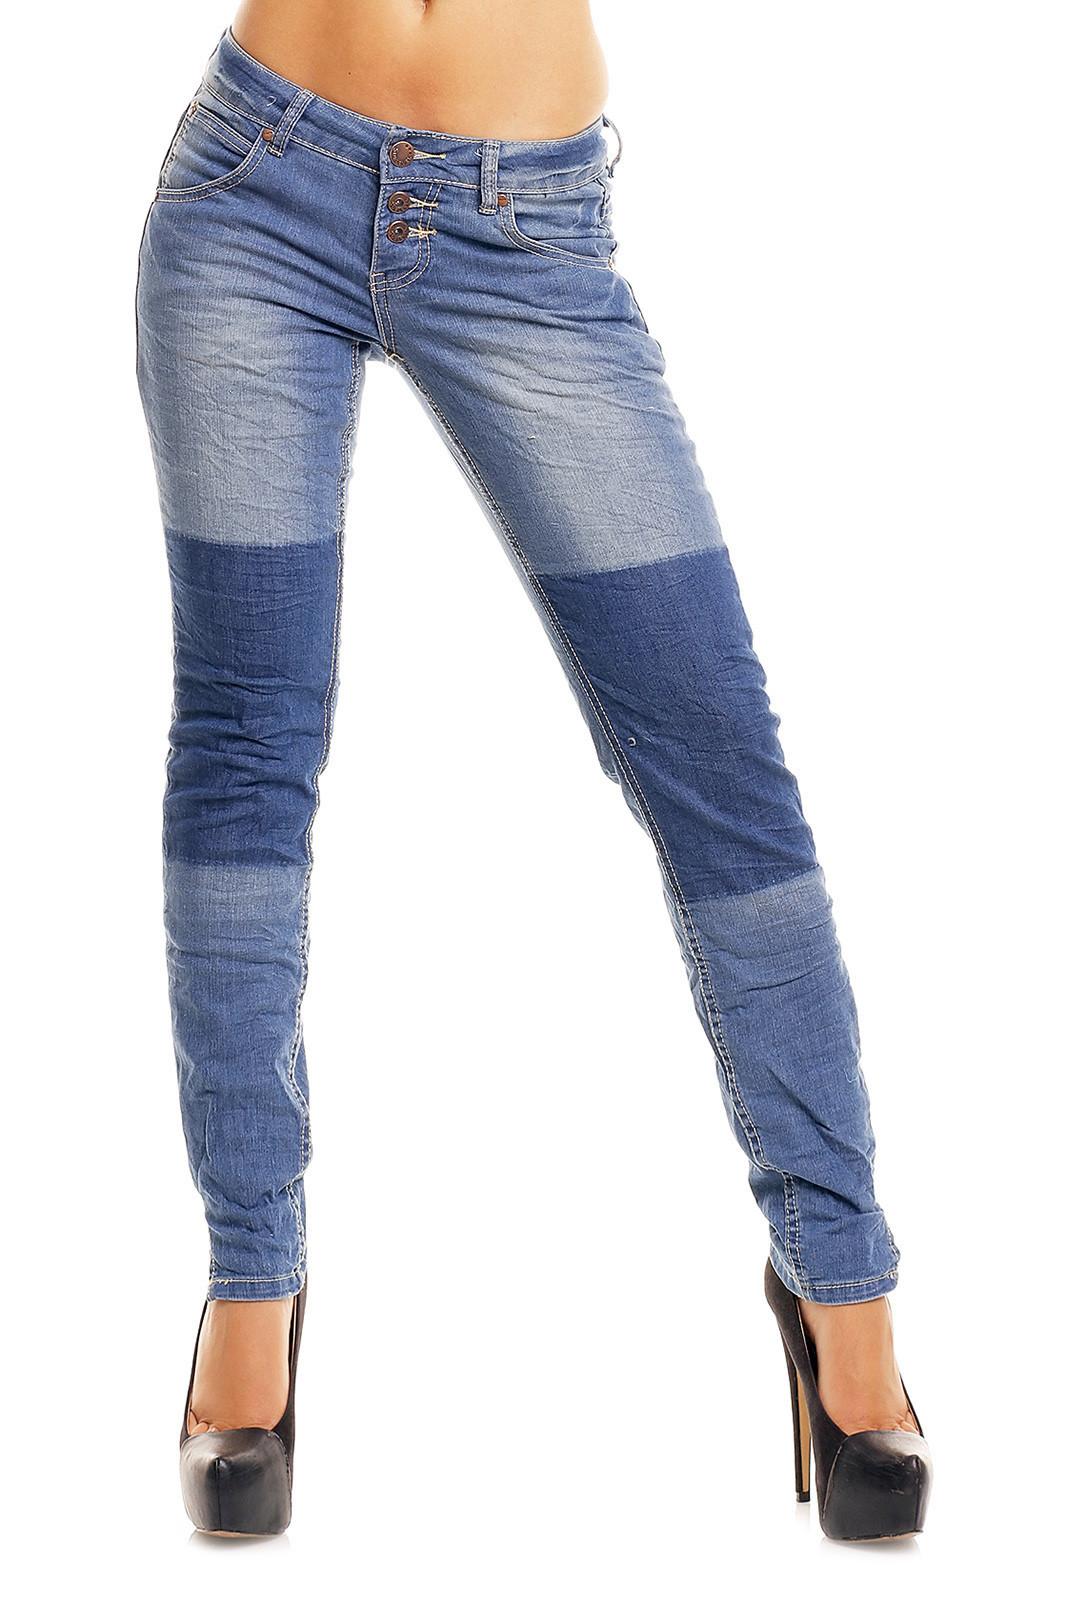 Dámske džínsy značkové elastické Sublevel 8731 BL zdobené pruhom na nohavici s tromi gombíkmi modré - Modrá / L - Sublevel L